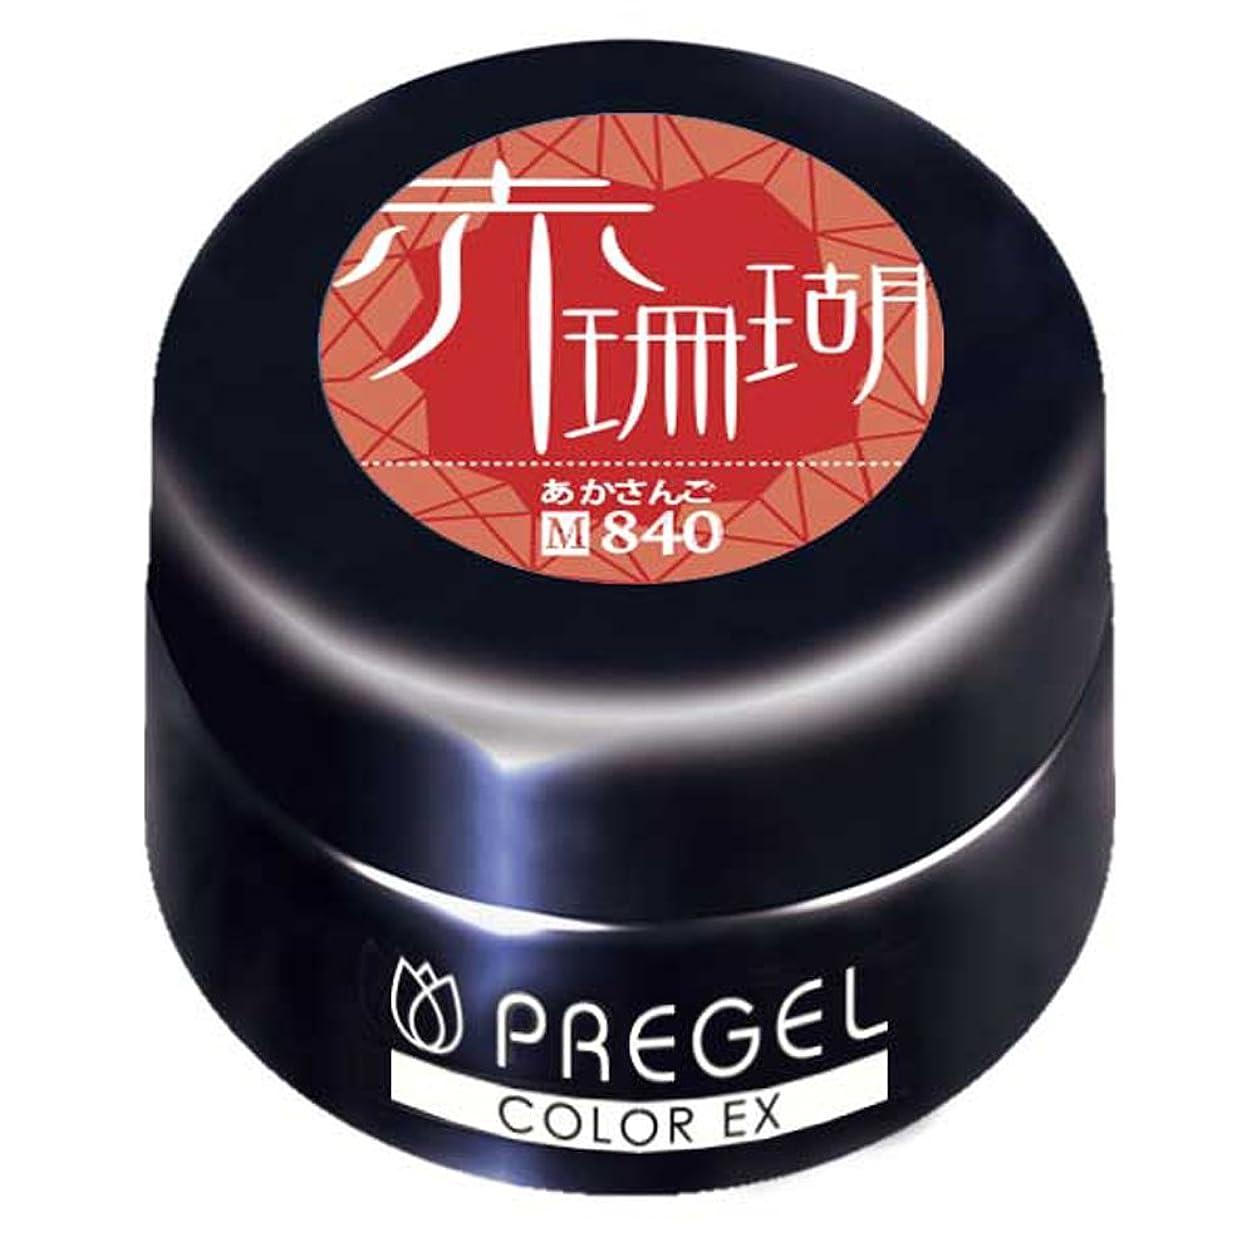 規制優雅な自治PRE GEL カラーEX 赤珊瑚840